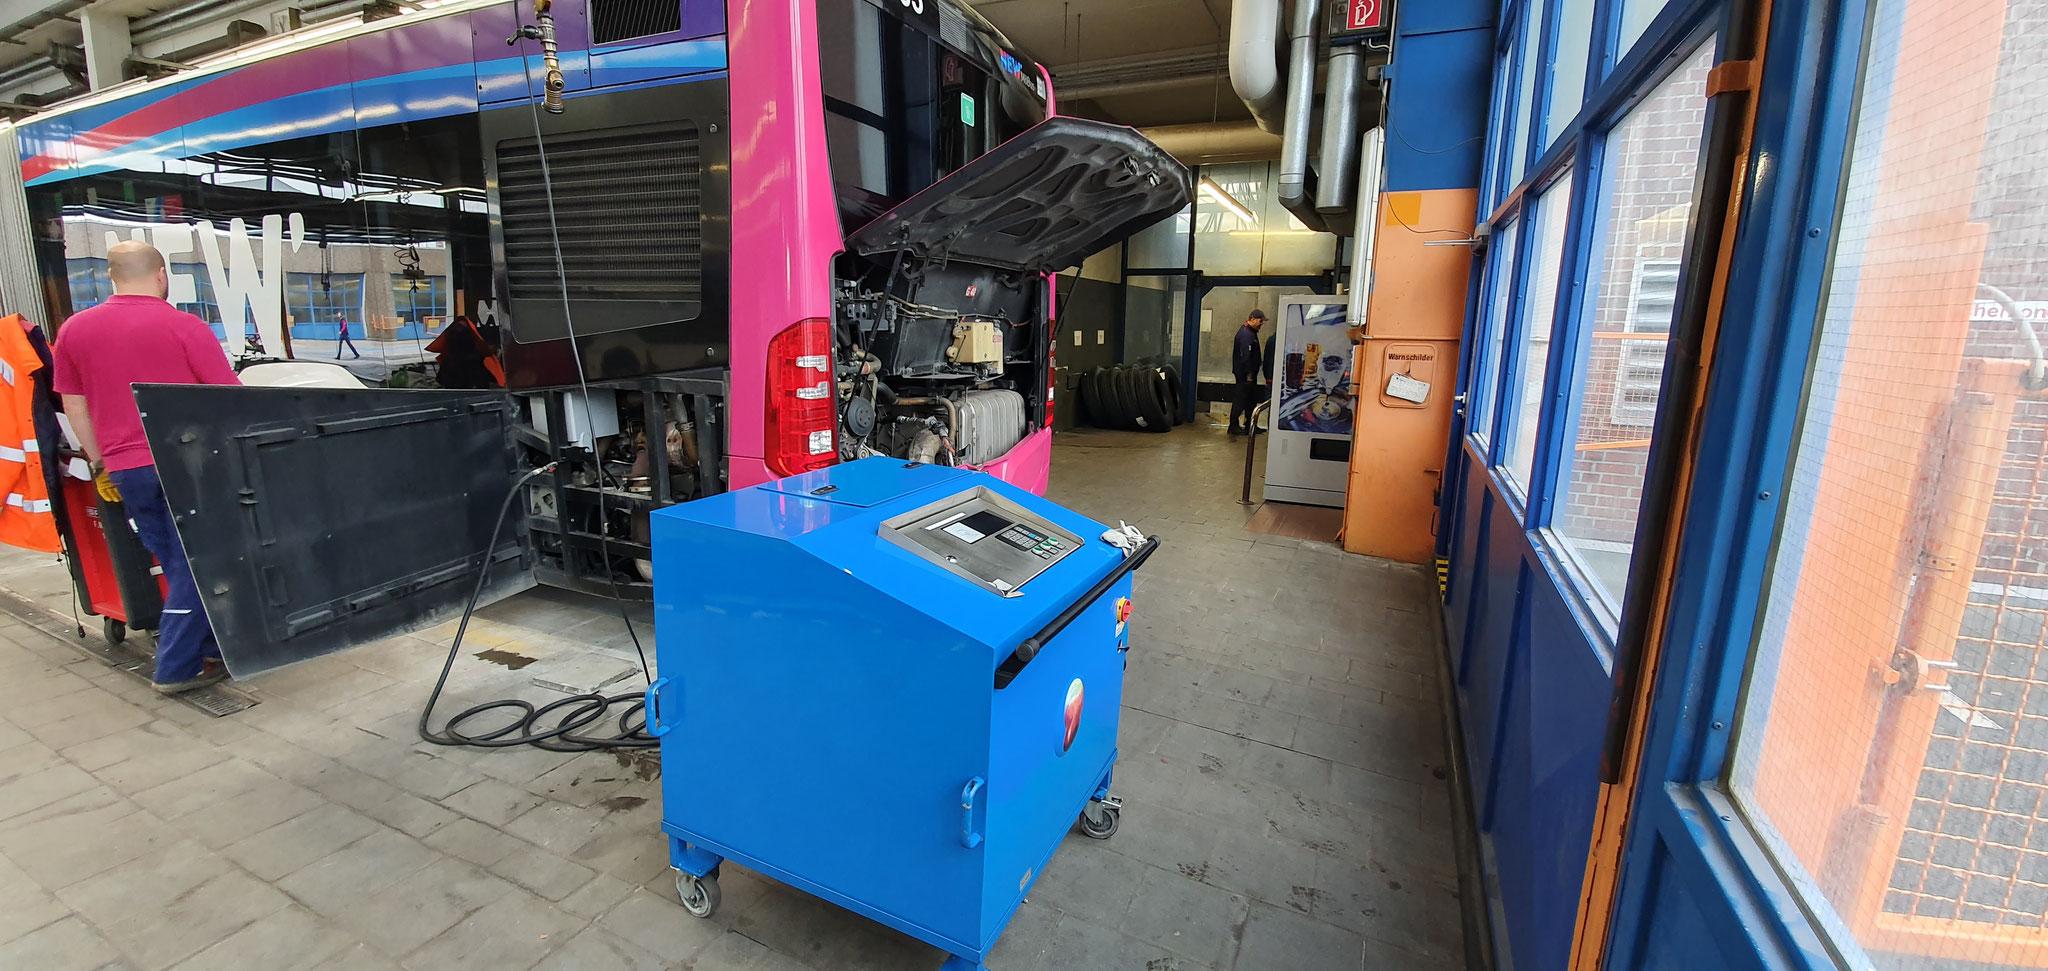 Die Ölreinigungsmaschine im Einsatz